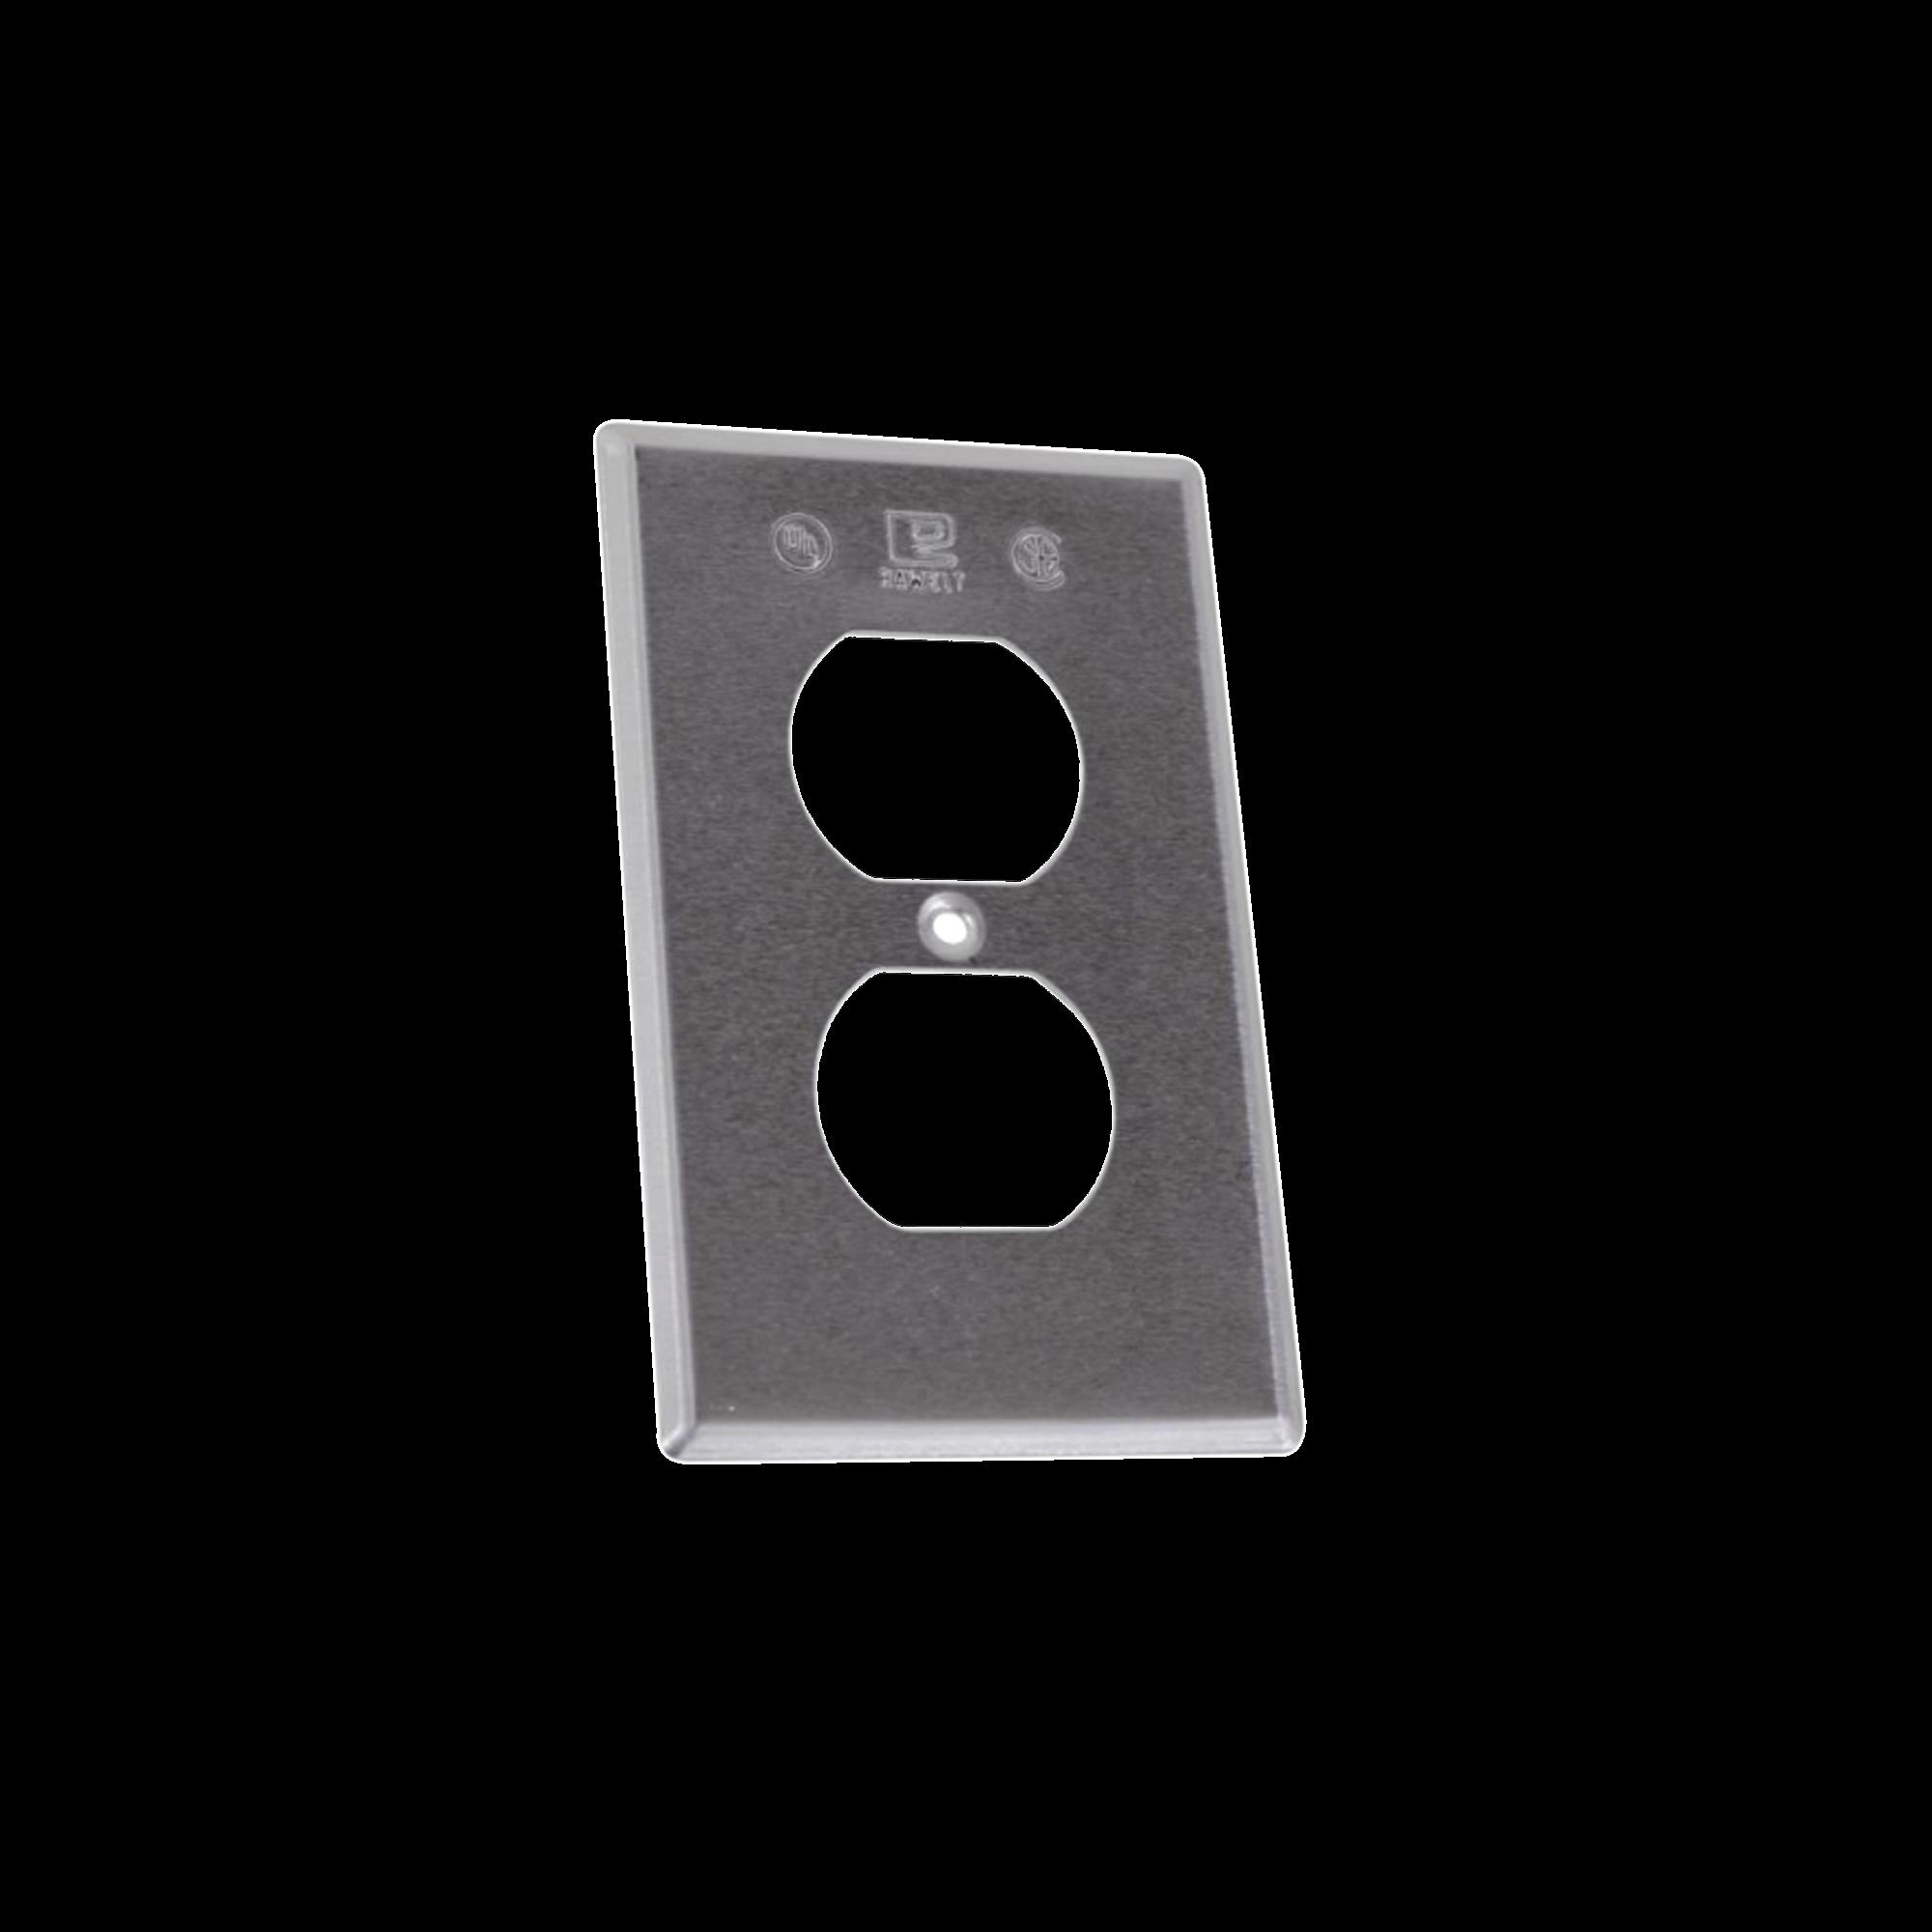 Tapa rectangular para contacto dúplex de aluminio tipo RR a prueba de intemperie.